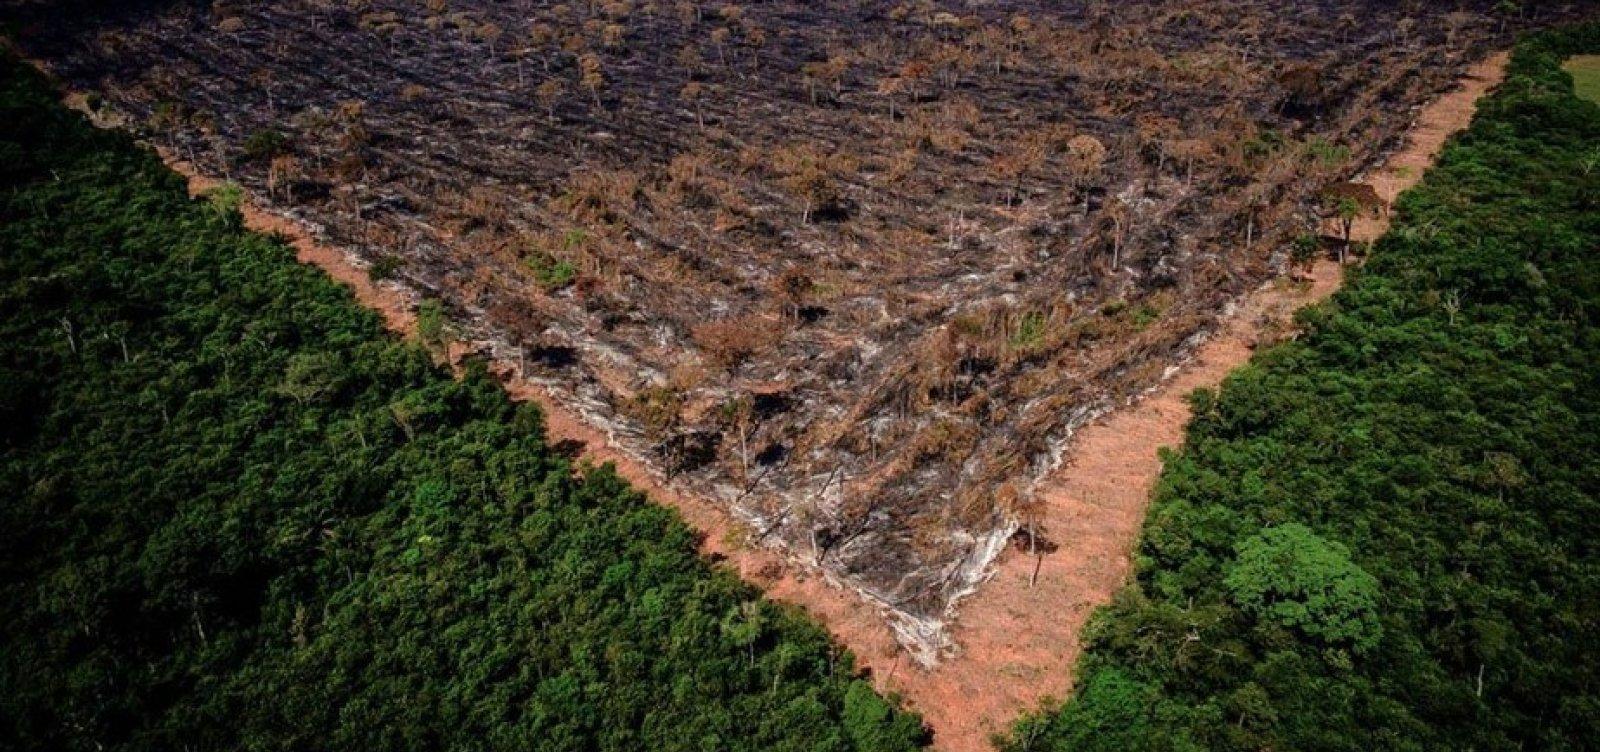 [Ministro do Meio Ambiente busca US$1 bilhão em ajuda externa para conter desmatamento na Amazônia]